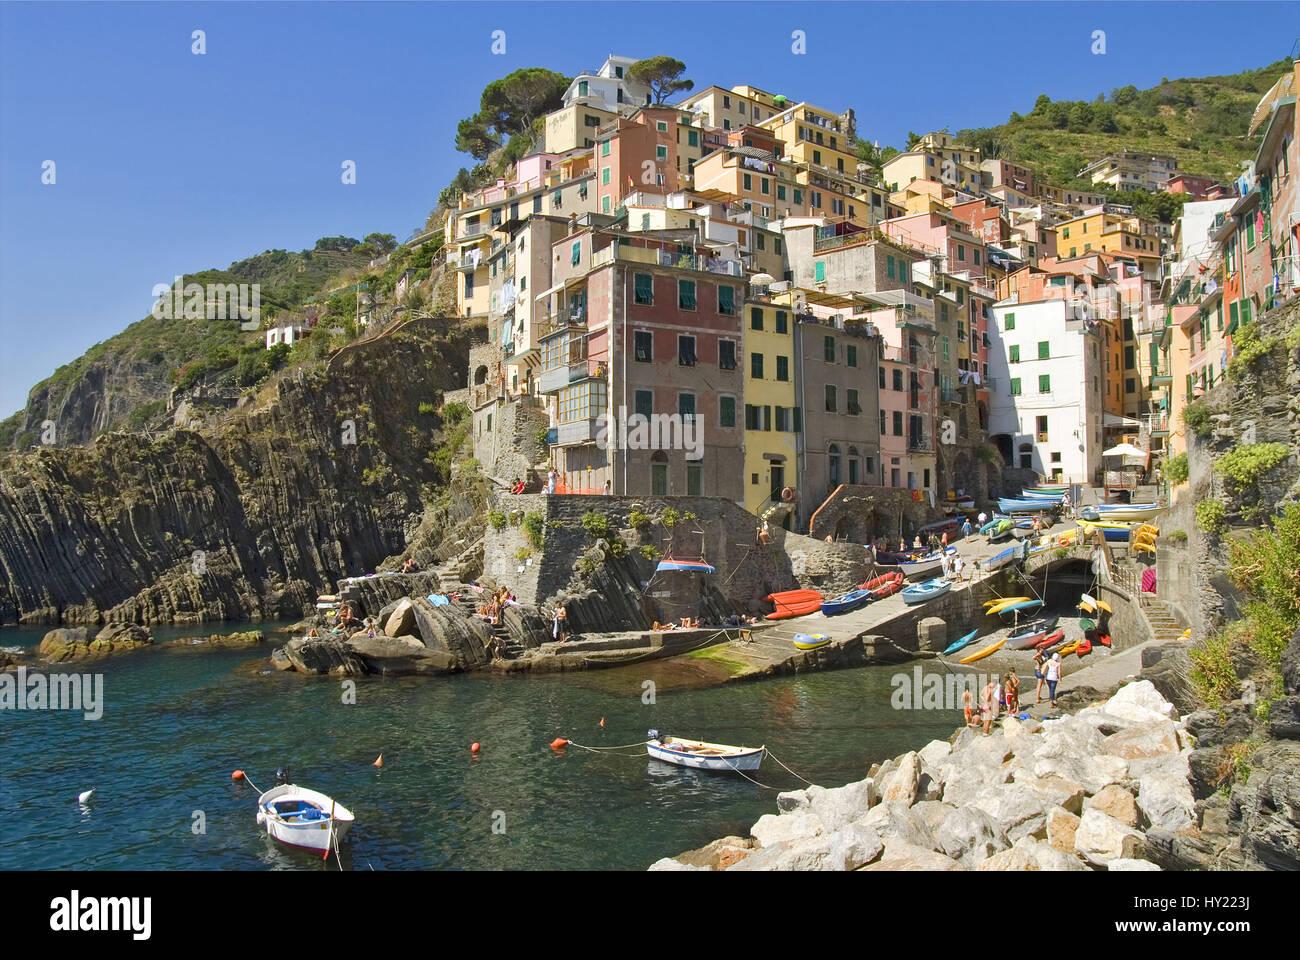 Das Dorf Riomaggiore, ein bekanntes Reiseziel im Parco Naturale Cinque Terre in den Ligurischen Küste, - Stock Image